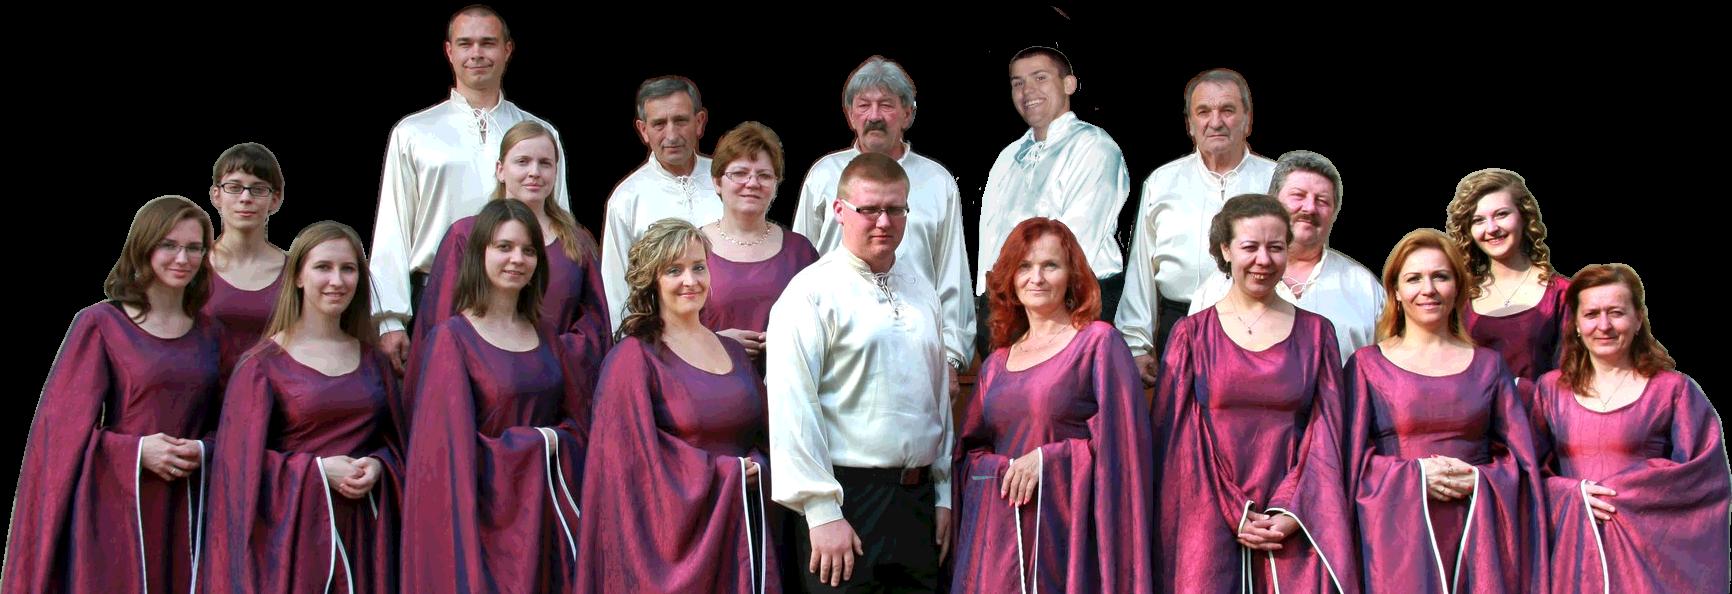 Chrámový spevácky zbor Campana logo